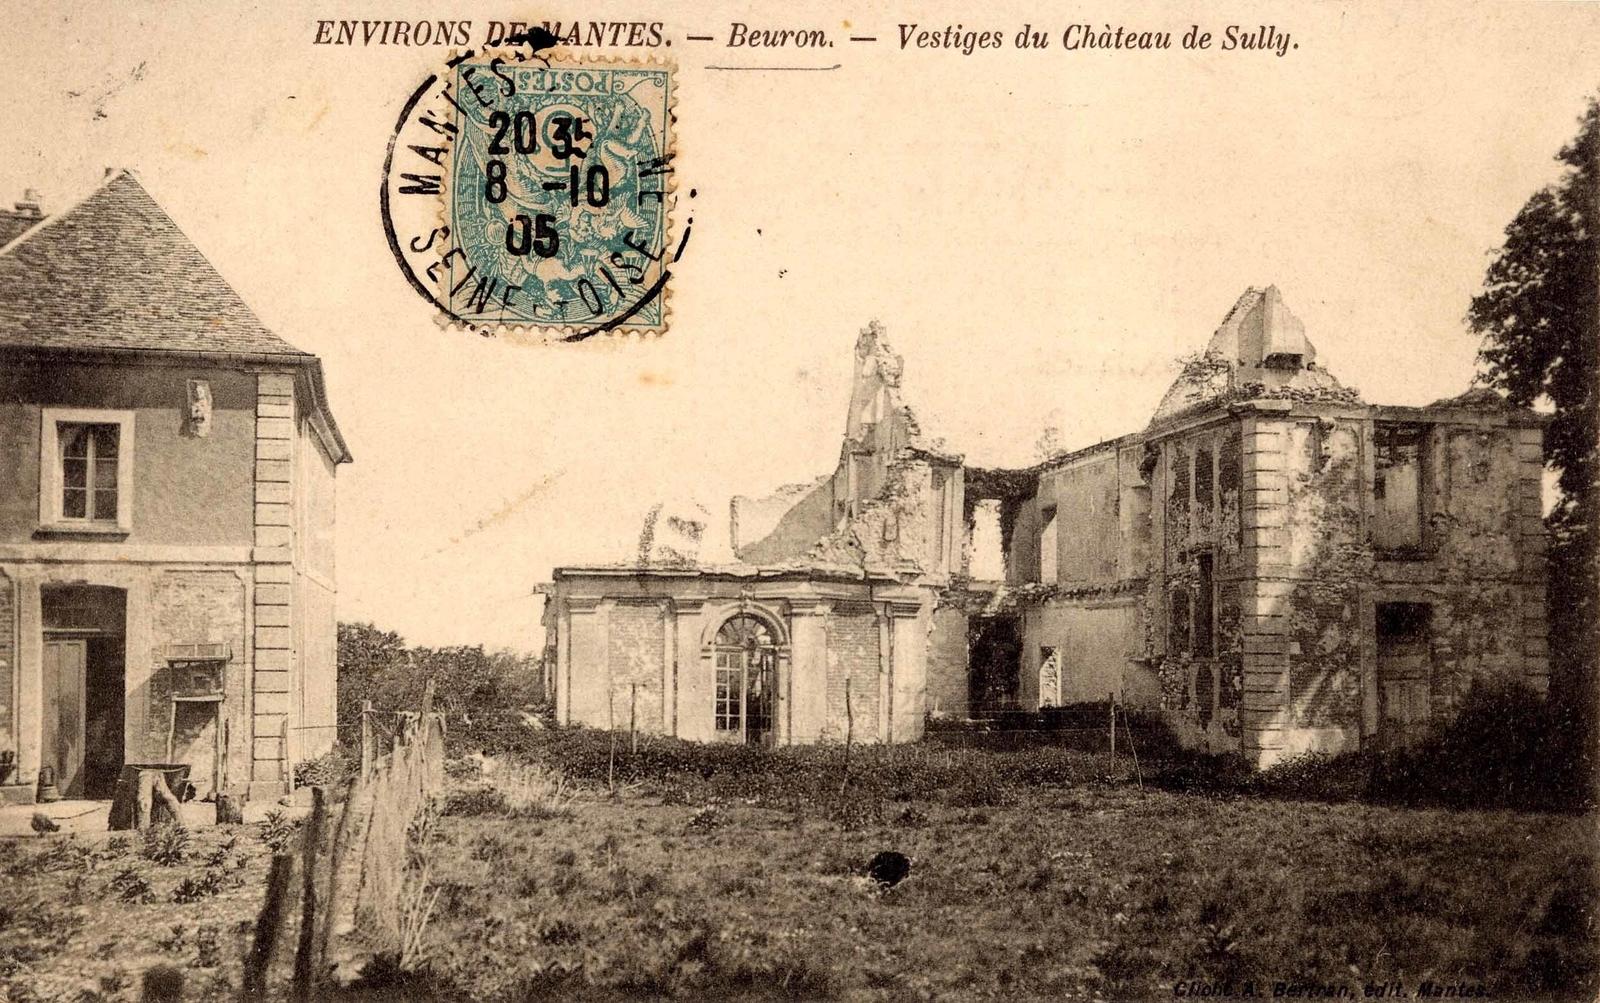 """Perdreauville - CHÂTEAU DE BEURON : Au XIIIème siècle, Beuron n'est pas un fief, mais seulement un bois. Une allée pavée conduit aux vestiges de l'ancien château de Beuron, construit par les seigneurs de Rosny.Ruinés pendant la guerre de Cent Ans, ils ne peuvent restaurer leur château avant le XVIIème siècle.Maximilien de Béthune, futur Sully, y naît le 13 décembre 1559 et y vient souvent se reposer. Du château, berceau de Sully, il ne reste que quelques ruines. Par contre, on peut toujours voir le """"chêne Mademoiselle"""" planté dans le parc en l'honneur de Gabriel d'Estrées, maîtresse d'Henri IV, pour fêter la bataille d'Ivry remportée par le roi en 1590."""